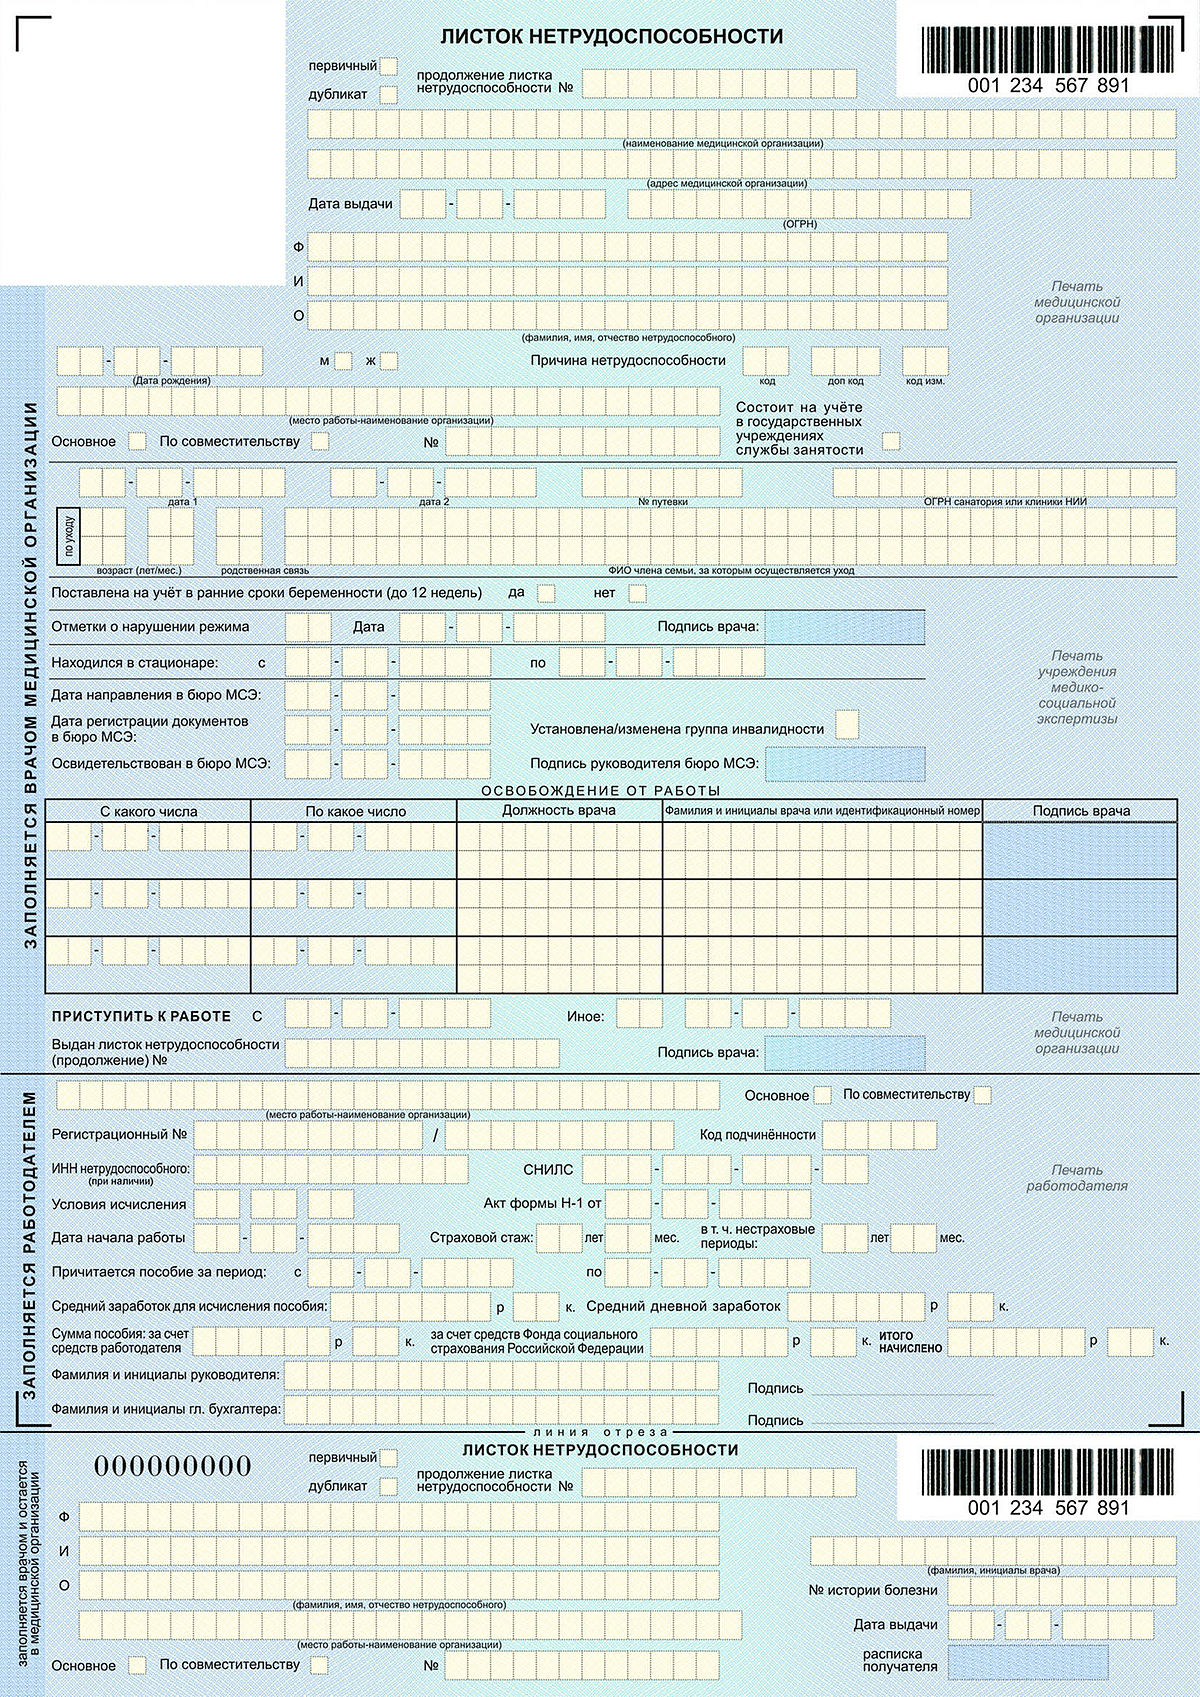 Больничный лист и лист временной нетрудоспособности медицинская книжка для работы с продуктами питания анализы